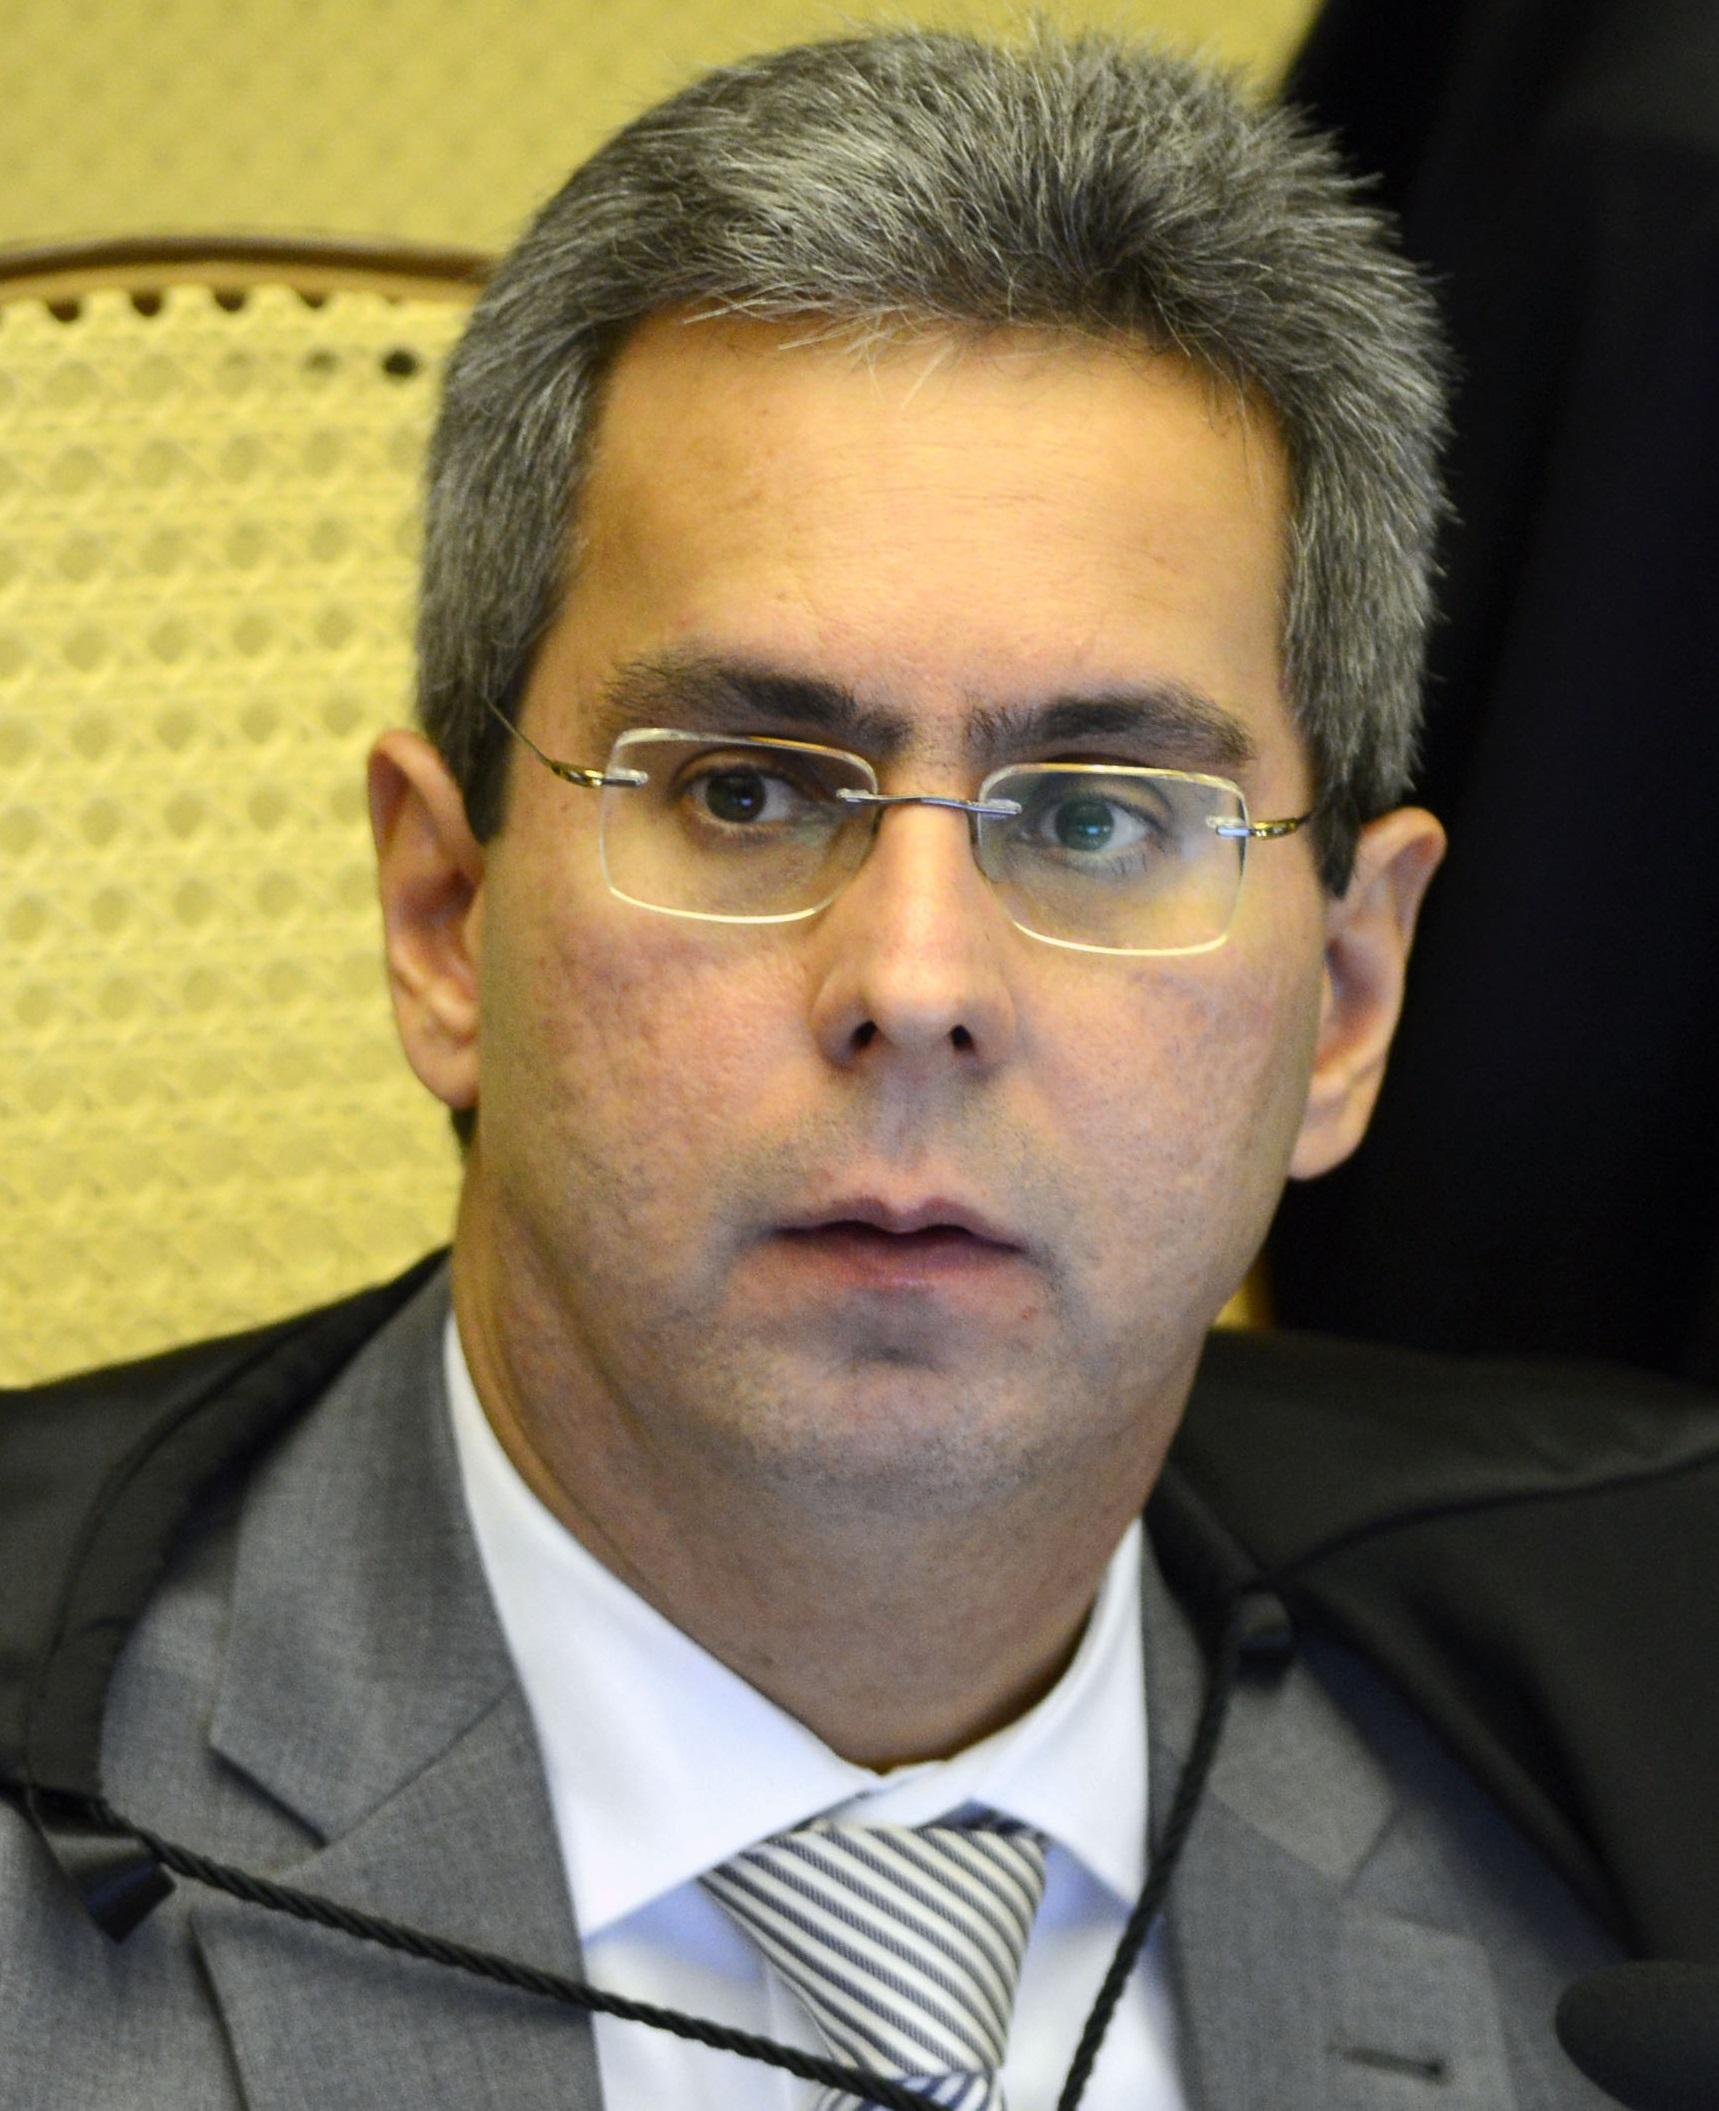 Veja tudo o que saiu no Migalhas sobre Luiz Alberto Gurgel de Faria